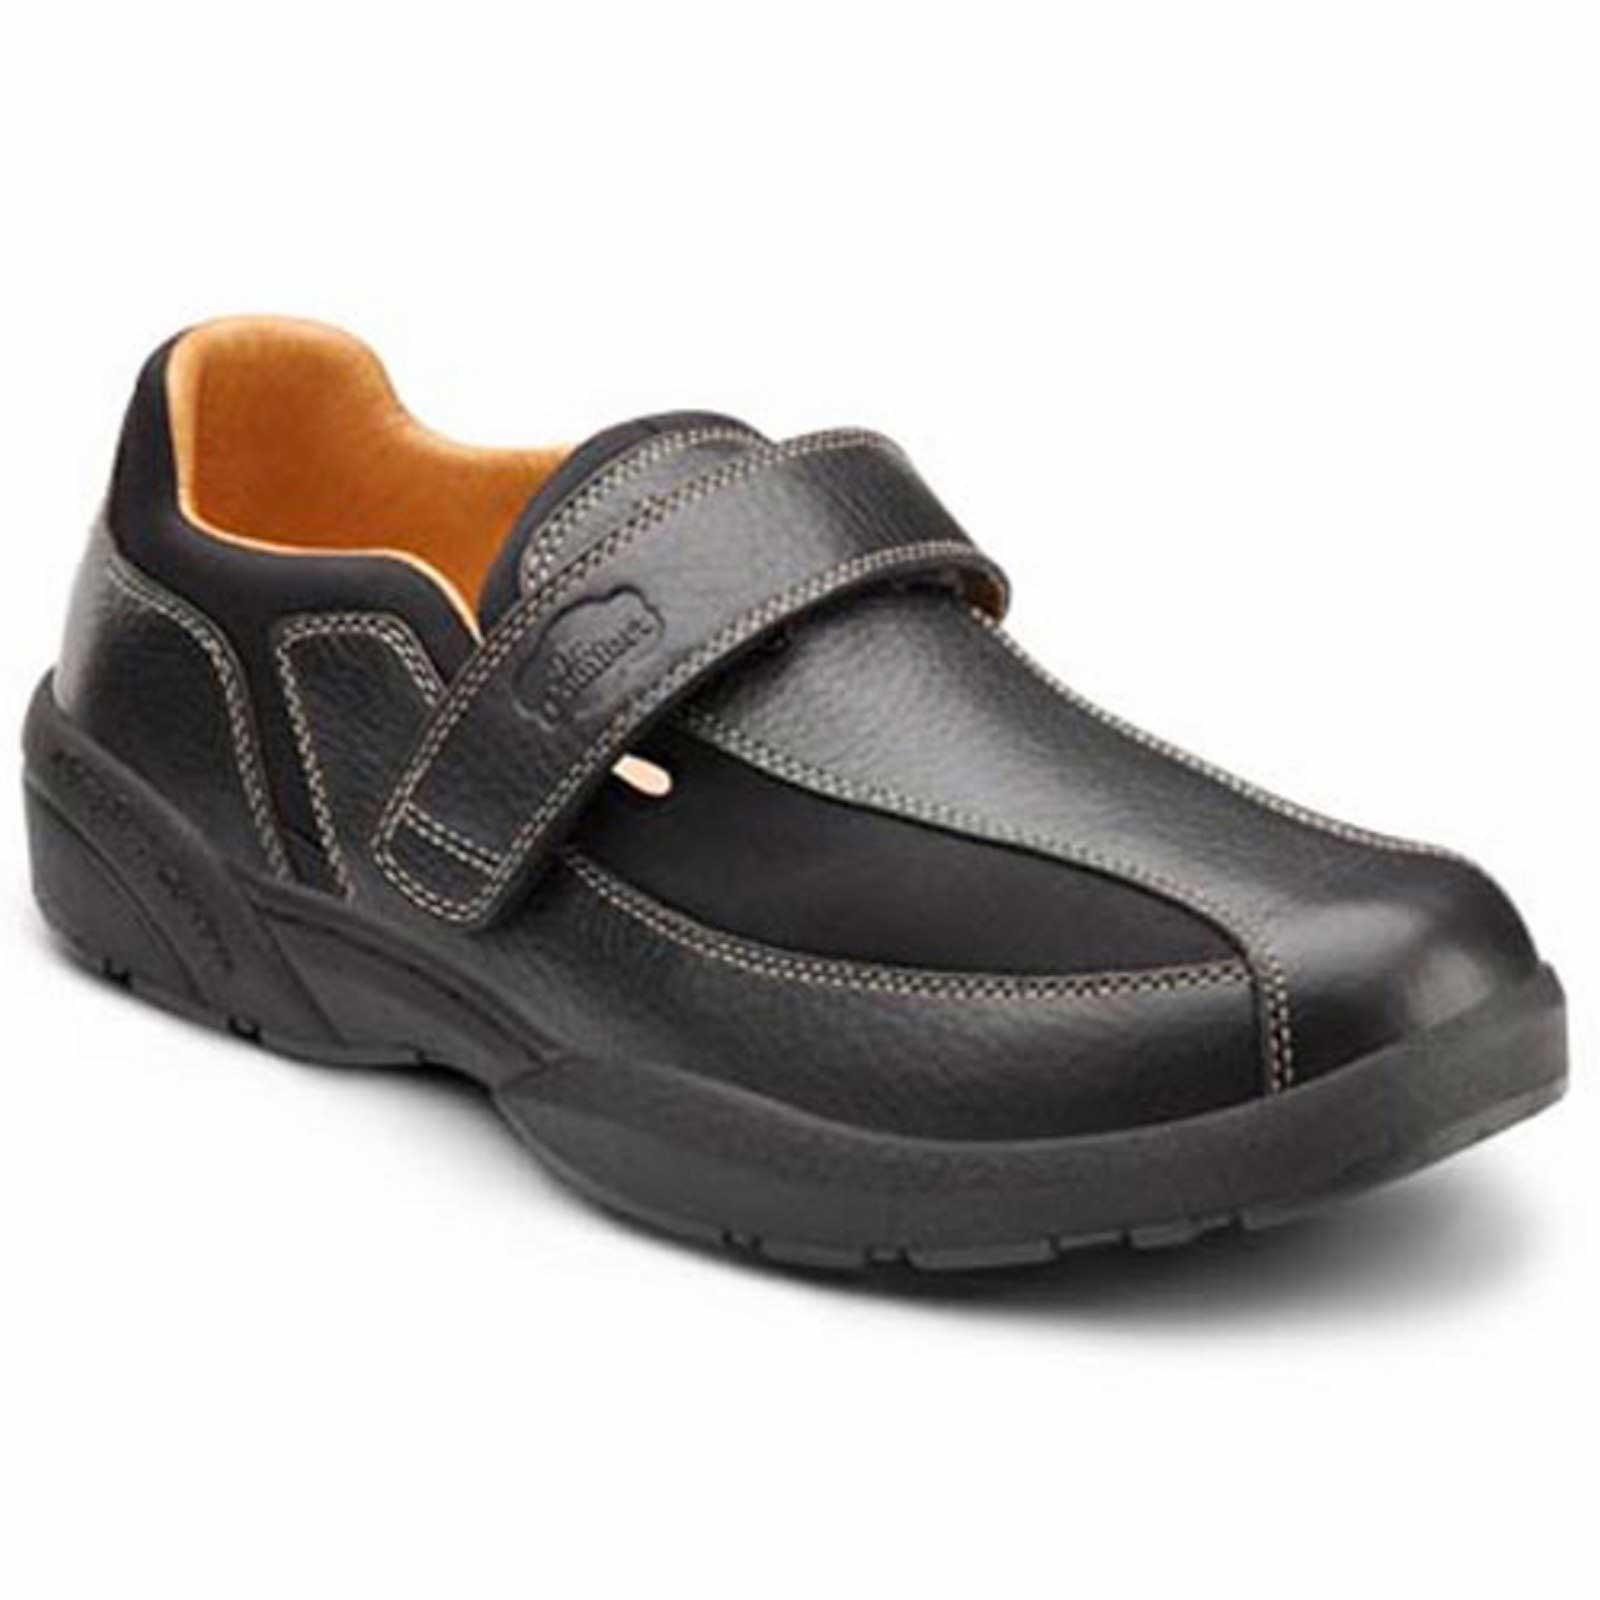 The Dr. Comfort Douglas - Black - Casual. Dr. Comfort Douglas Men s Casual  Shoe 4fffe3c65a4